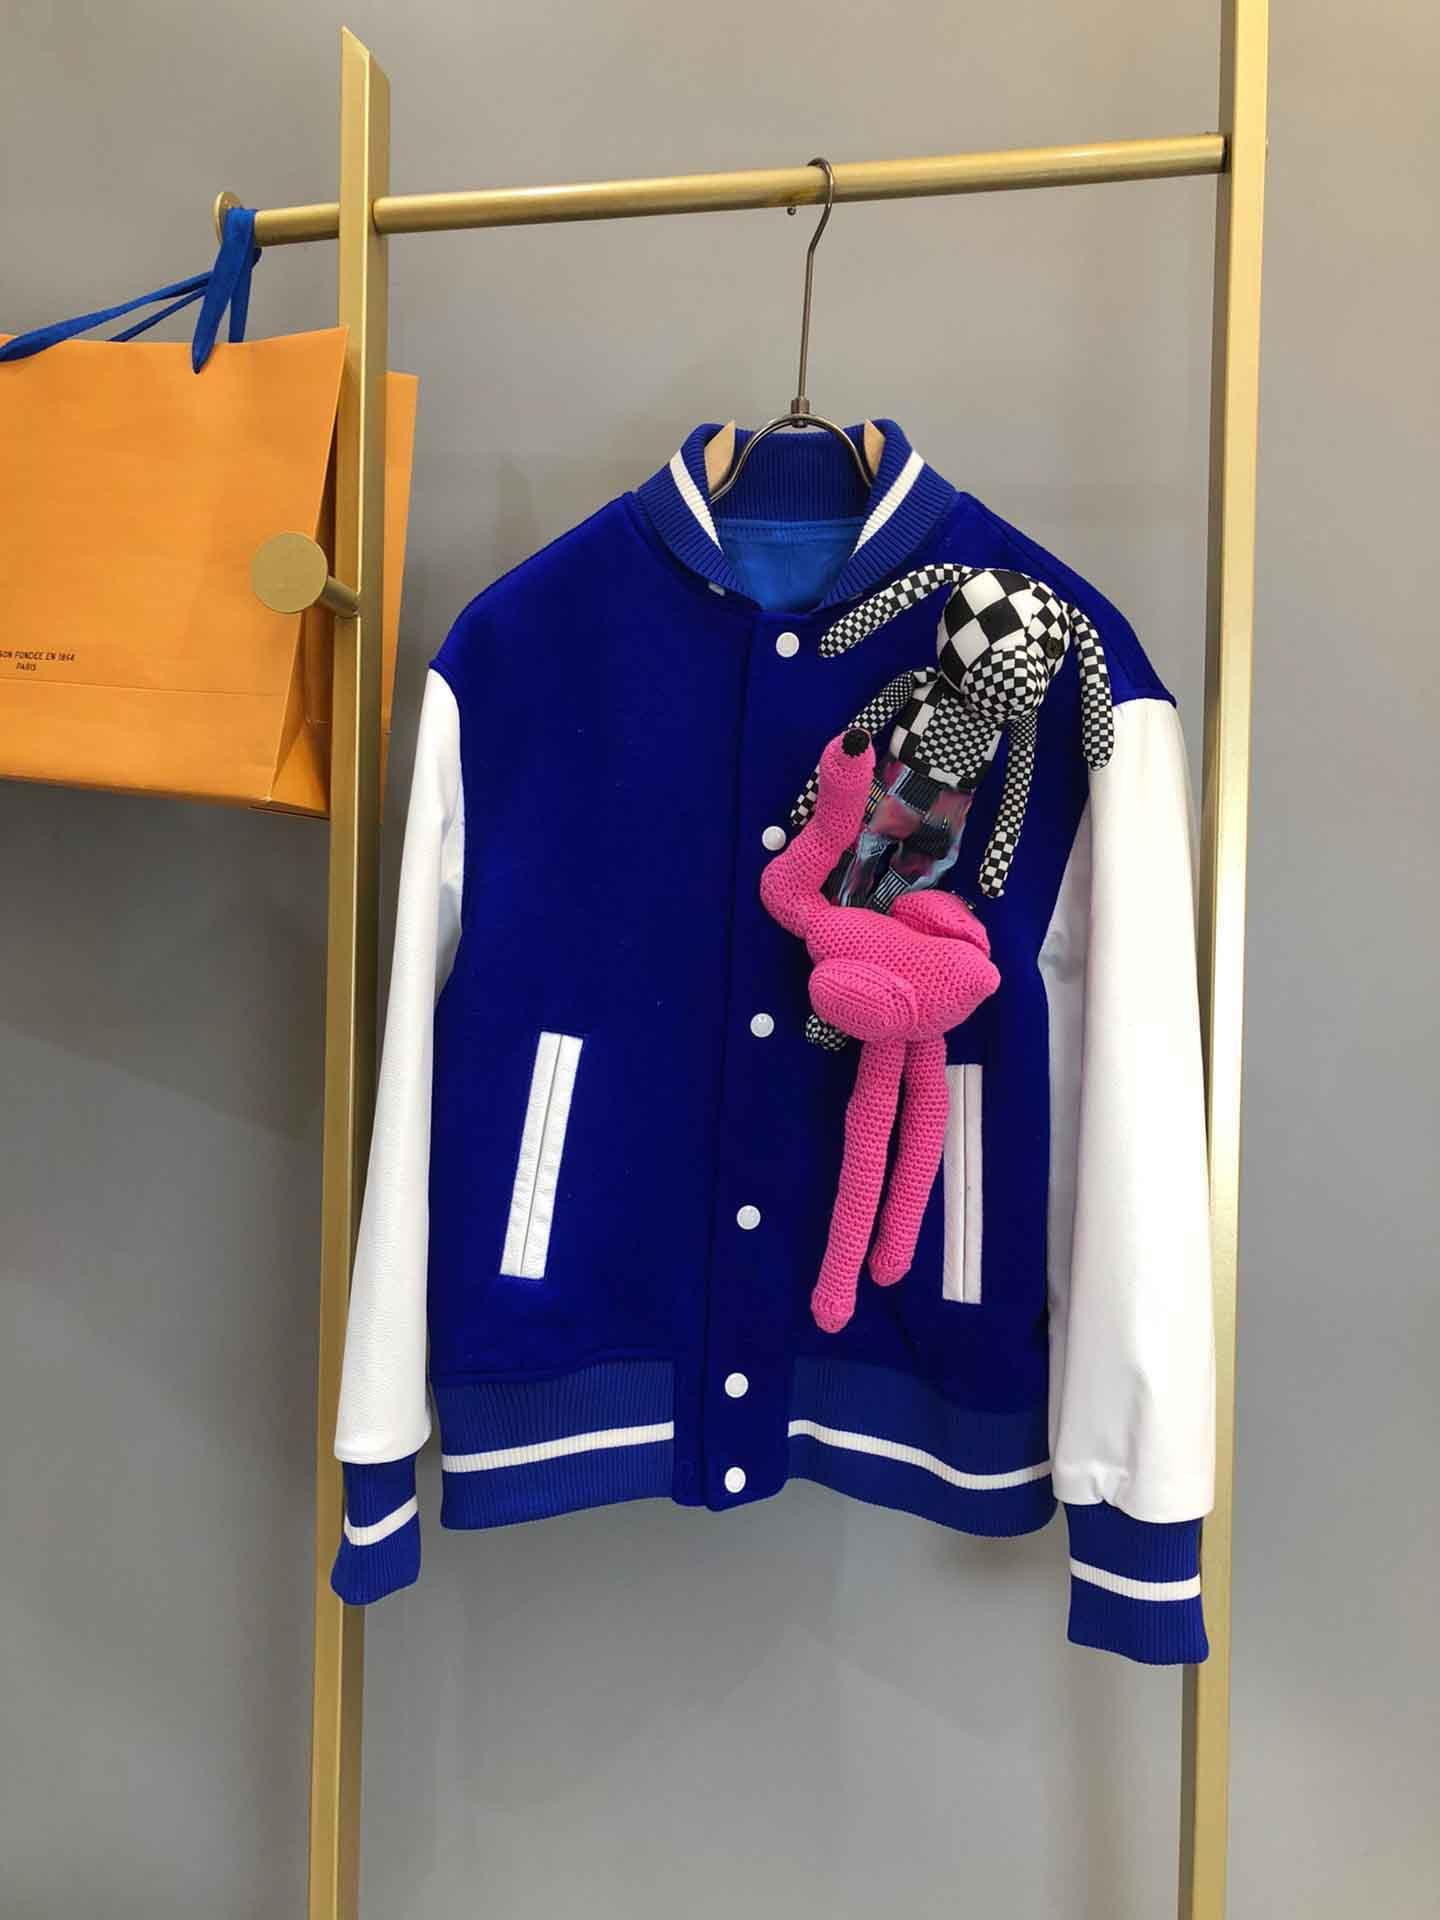 2021 Женщины Мужские Мужские Топ с капюшоном Куртка Студенты Повседневная Без Одежда Унисекс Толстовки Толстовки G6U